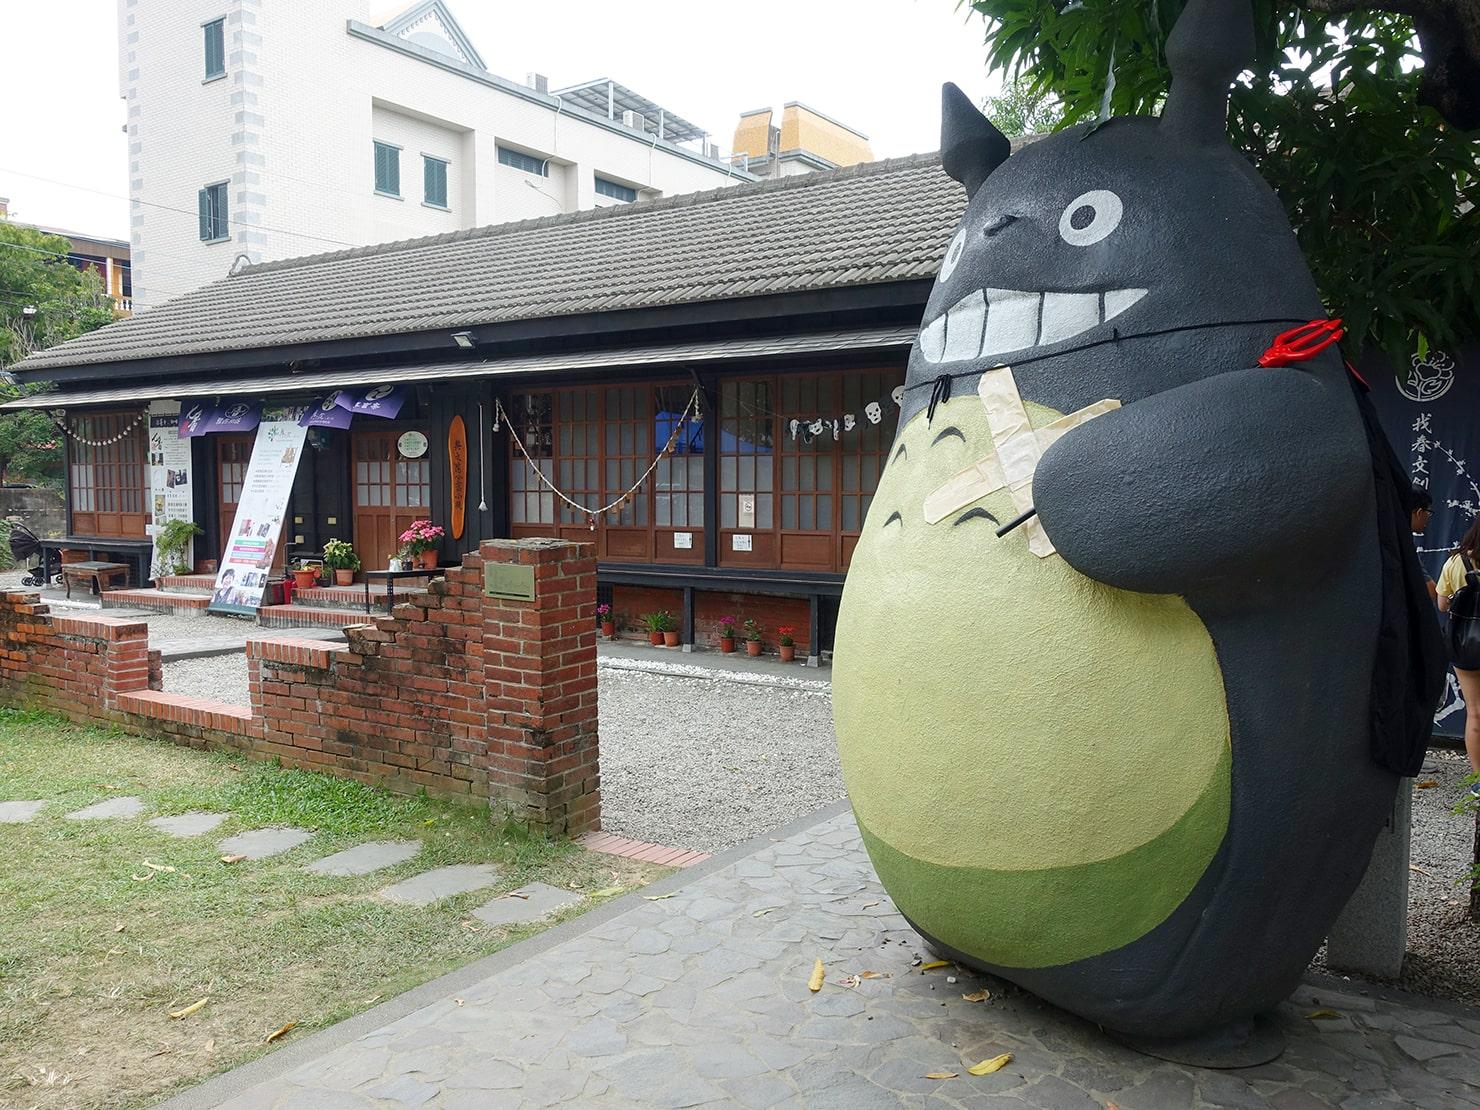 台南市街郊外のおすすめ観光スポット「大目降文化園區」の木造建築